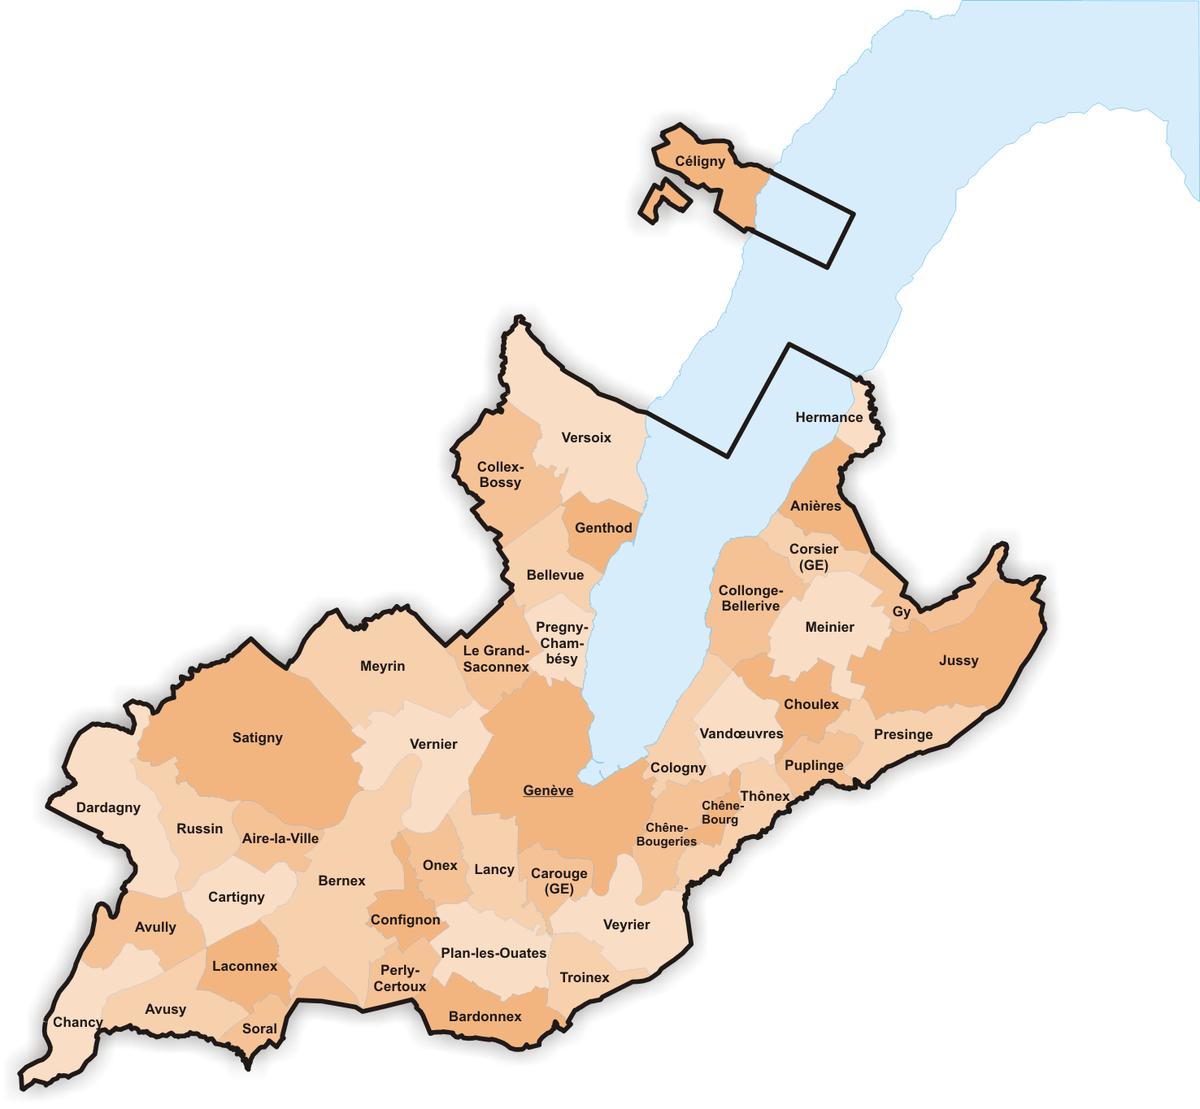 Les communes du canton de Genève